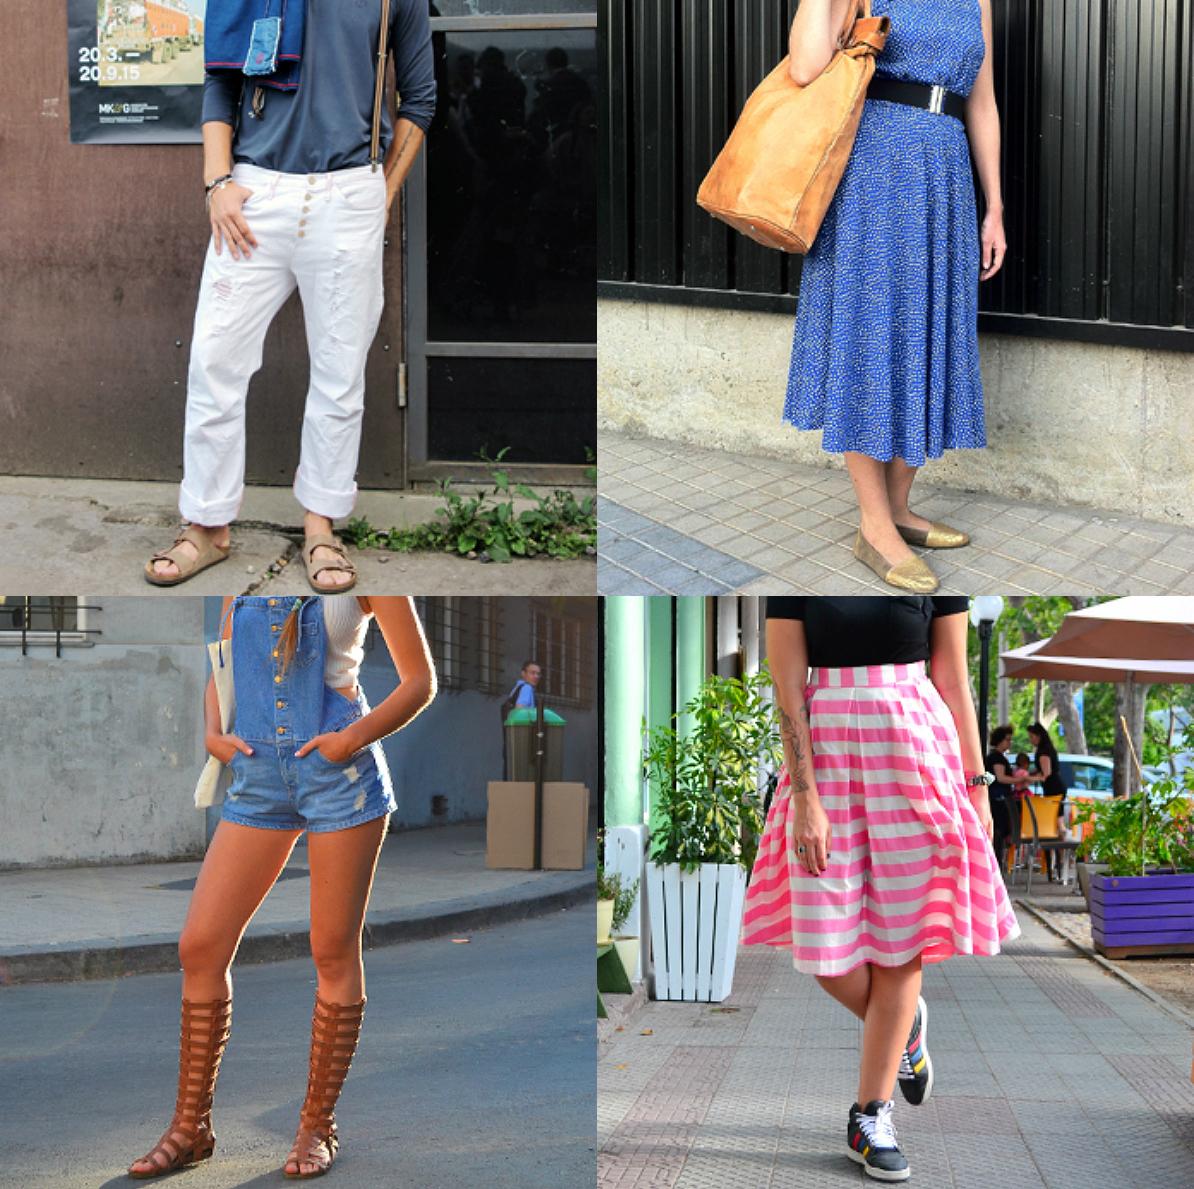 De los looks VLC: Distintas maneras de llevar zapatos en verano